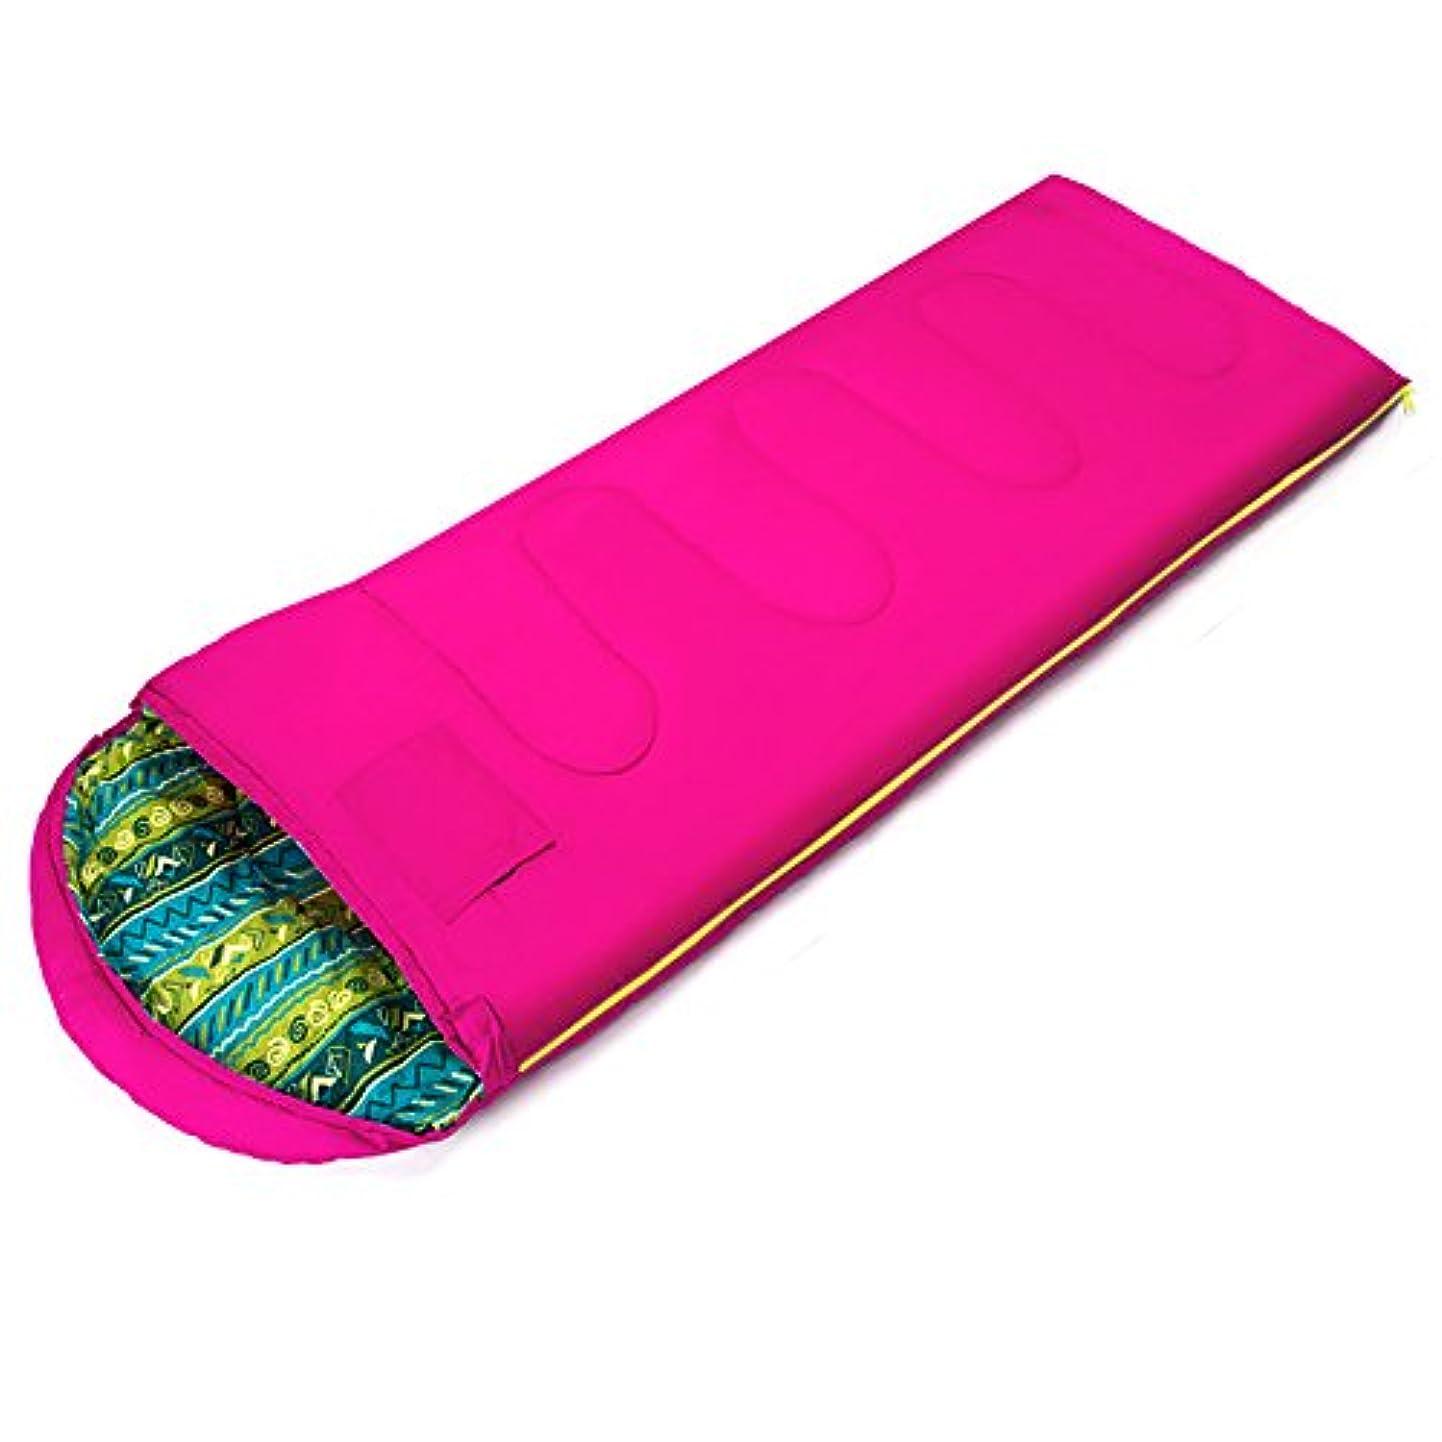 バラ色スケルトンコンクリートLjha shuidai封筒Sleepingバッグ/大人/アウトドアキャンプハイキング/コットン長方形Sleeping Bag with圧縮袋(180 + 30 ) 75 cm